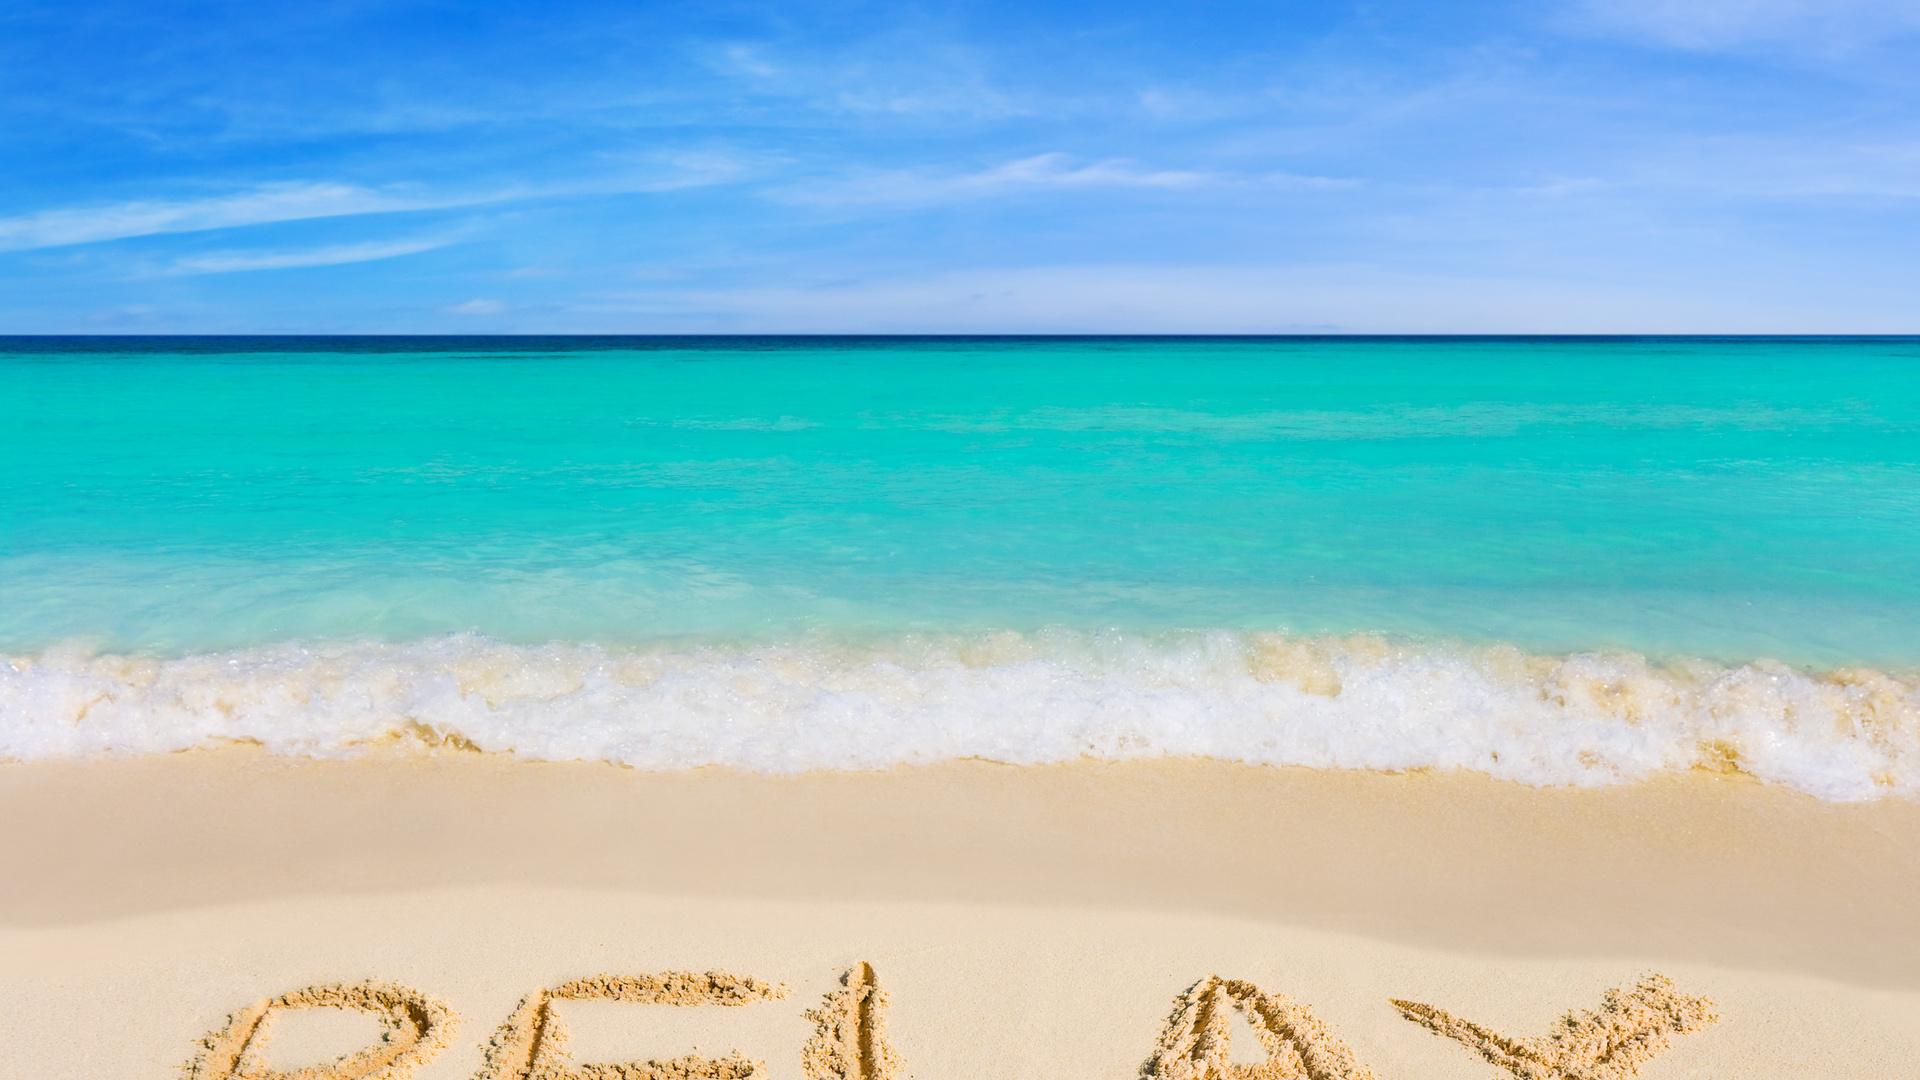 Картинка с надписью отпуск лето